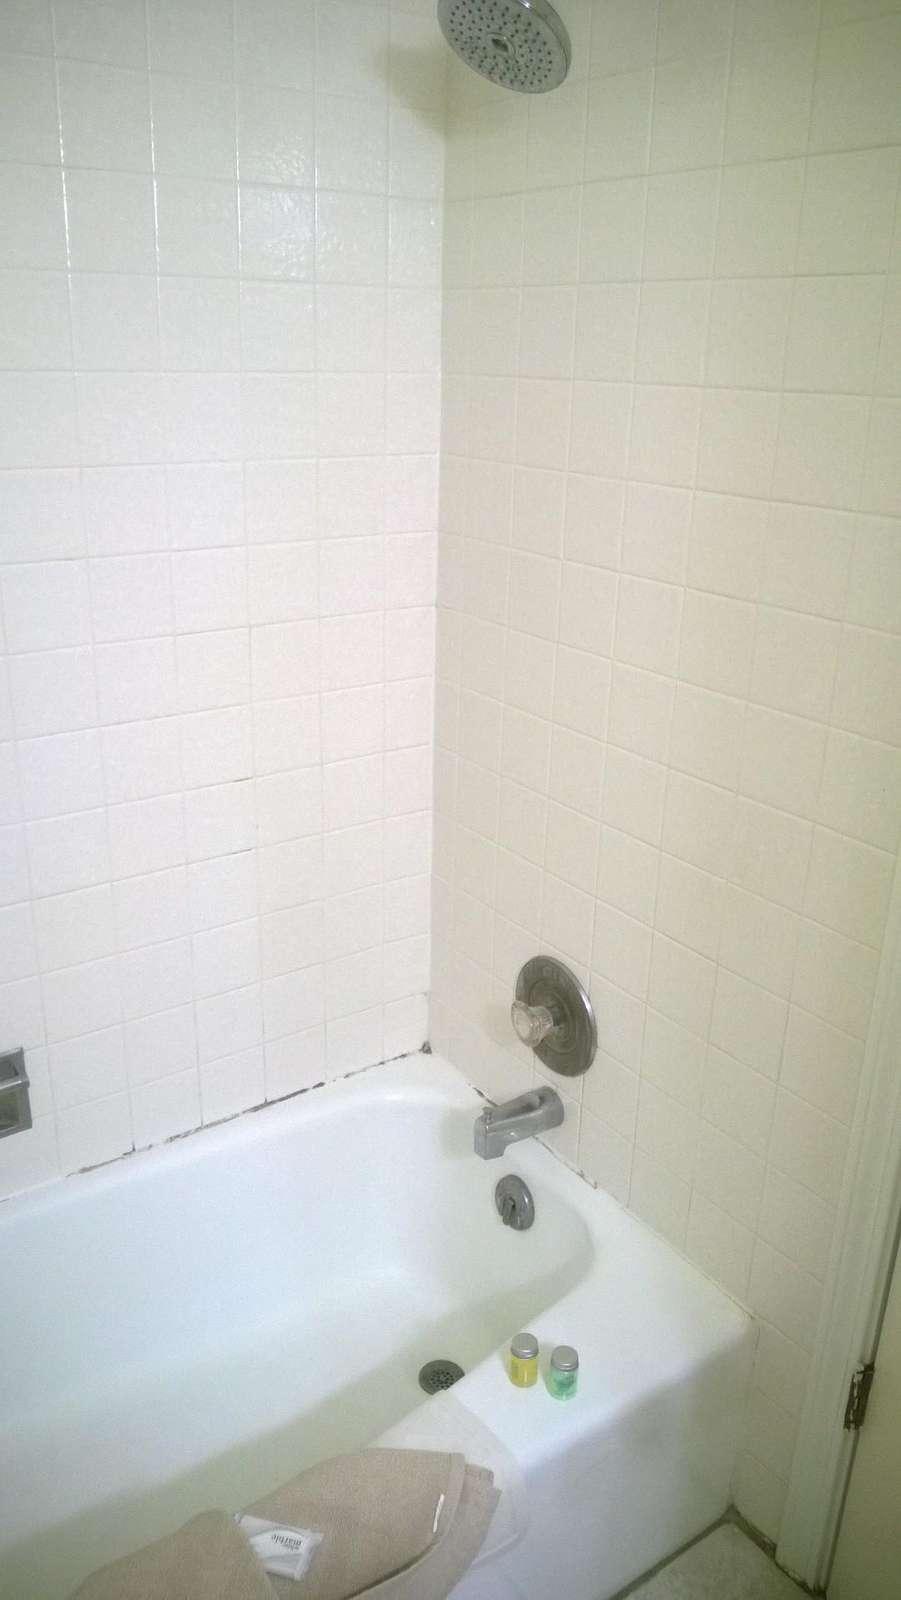 Tun/Shower